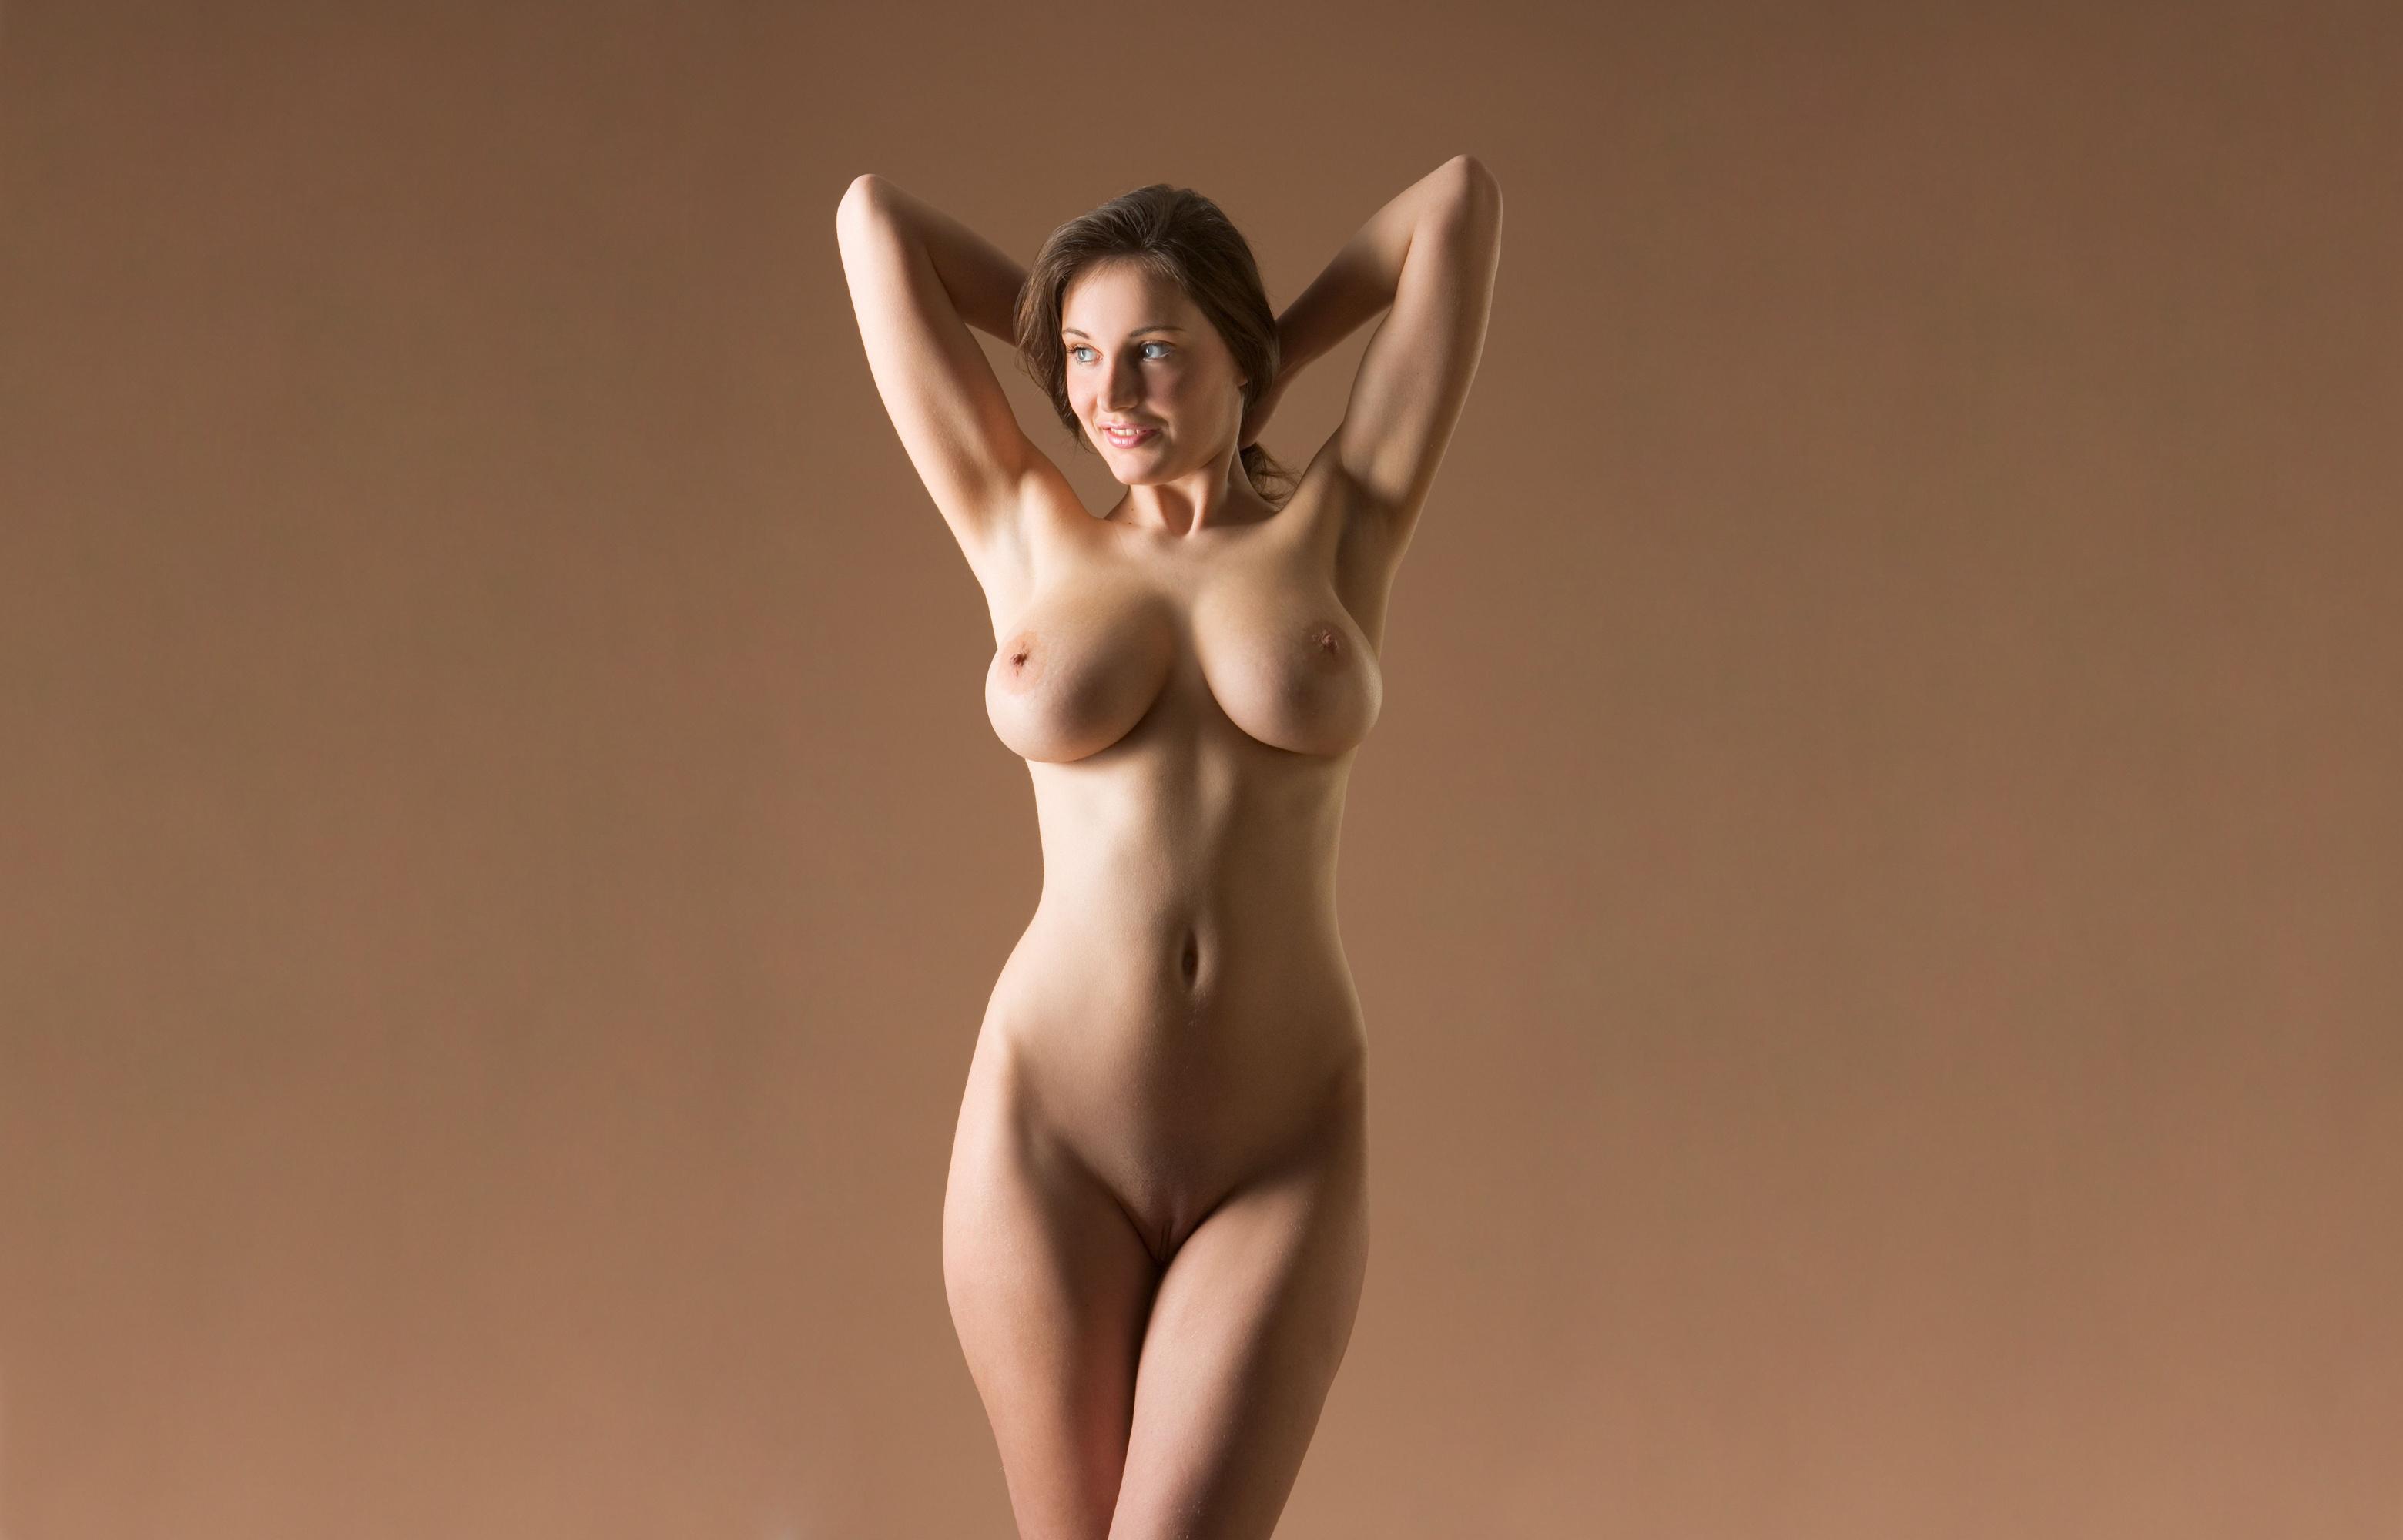 Праздник где за обнаженную грудь дарят бусы 13 фотография